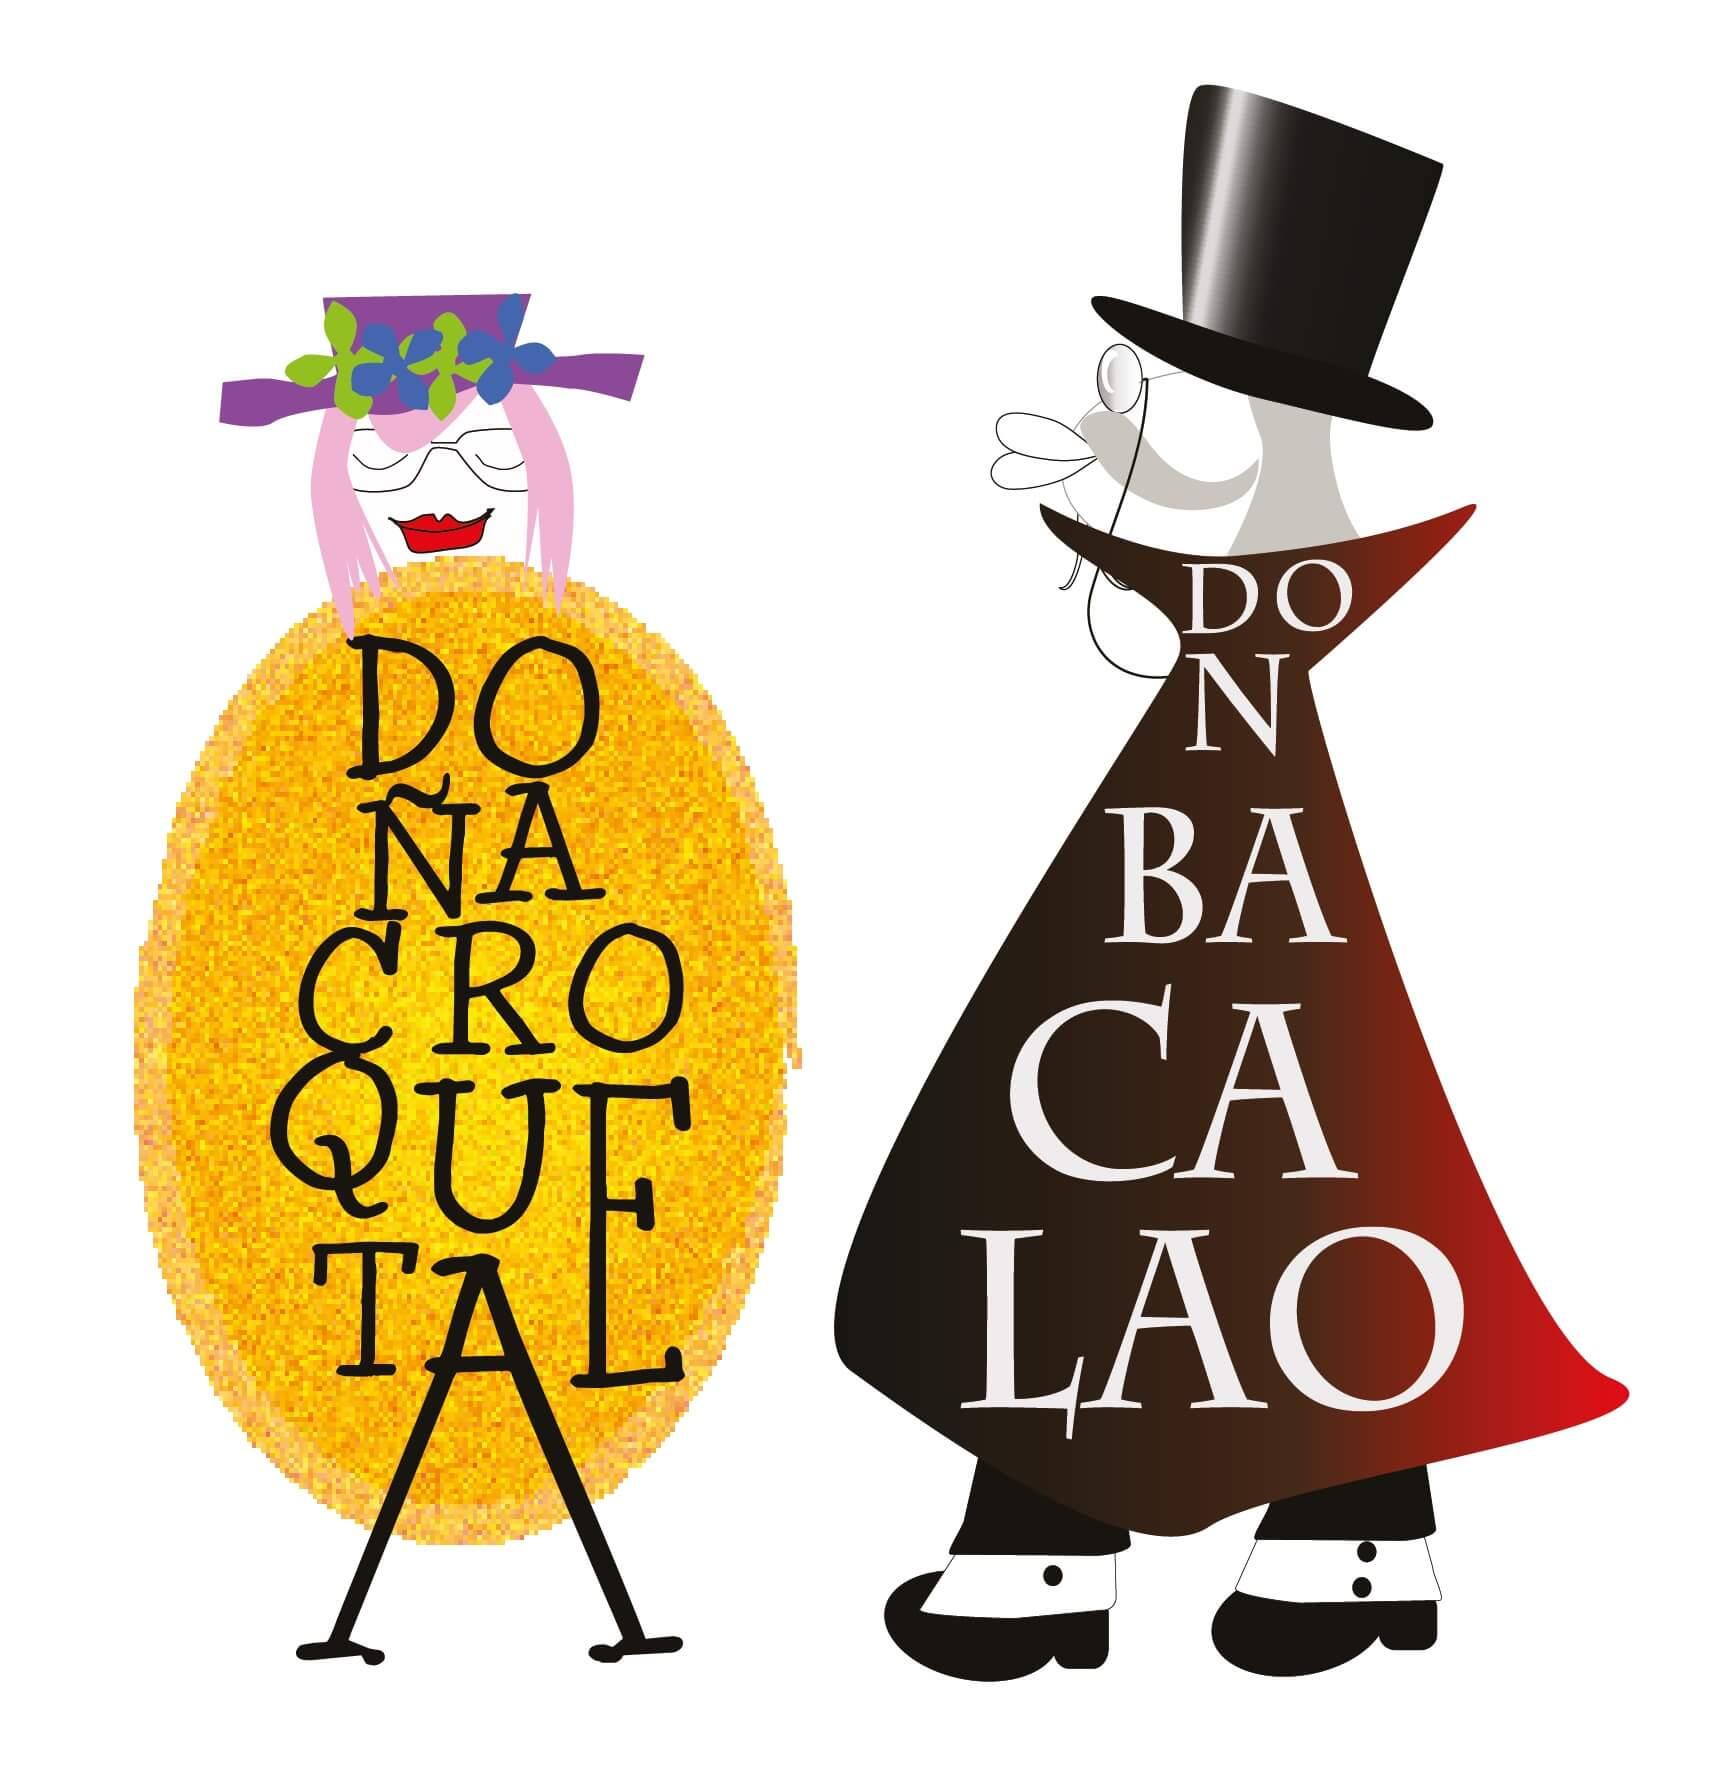 Menú Doña Croqueta Y Don Bacalao